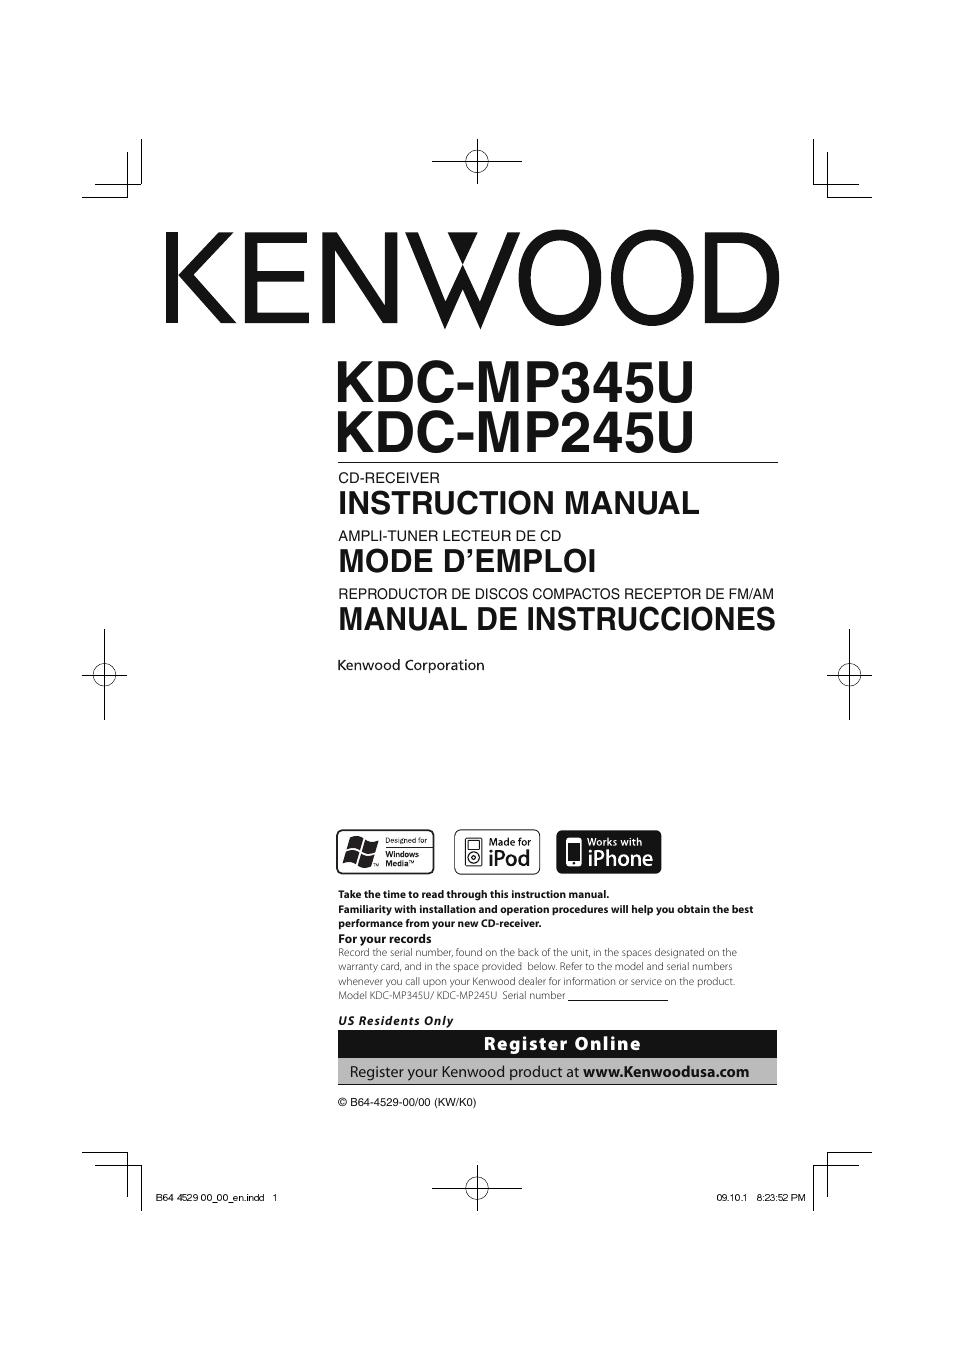 Kenwood Kdc252u Wiring Diagram Kenwood Car Stereo Diagram – Kenwood Kdc Mp345u Wiring Diagram